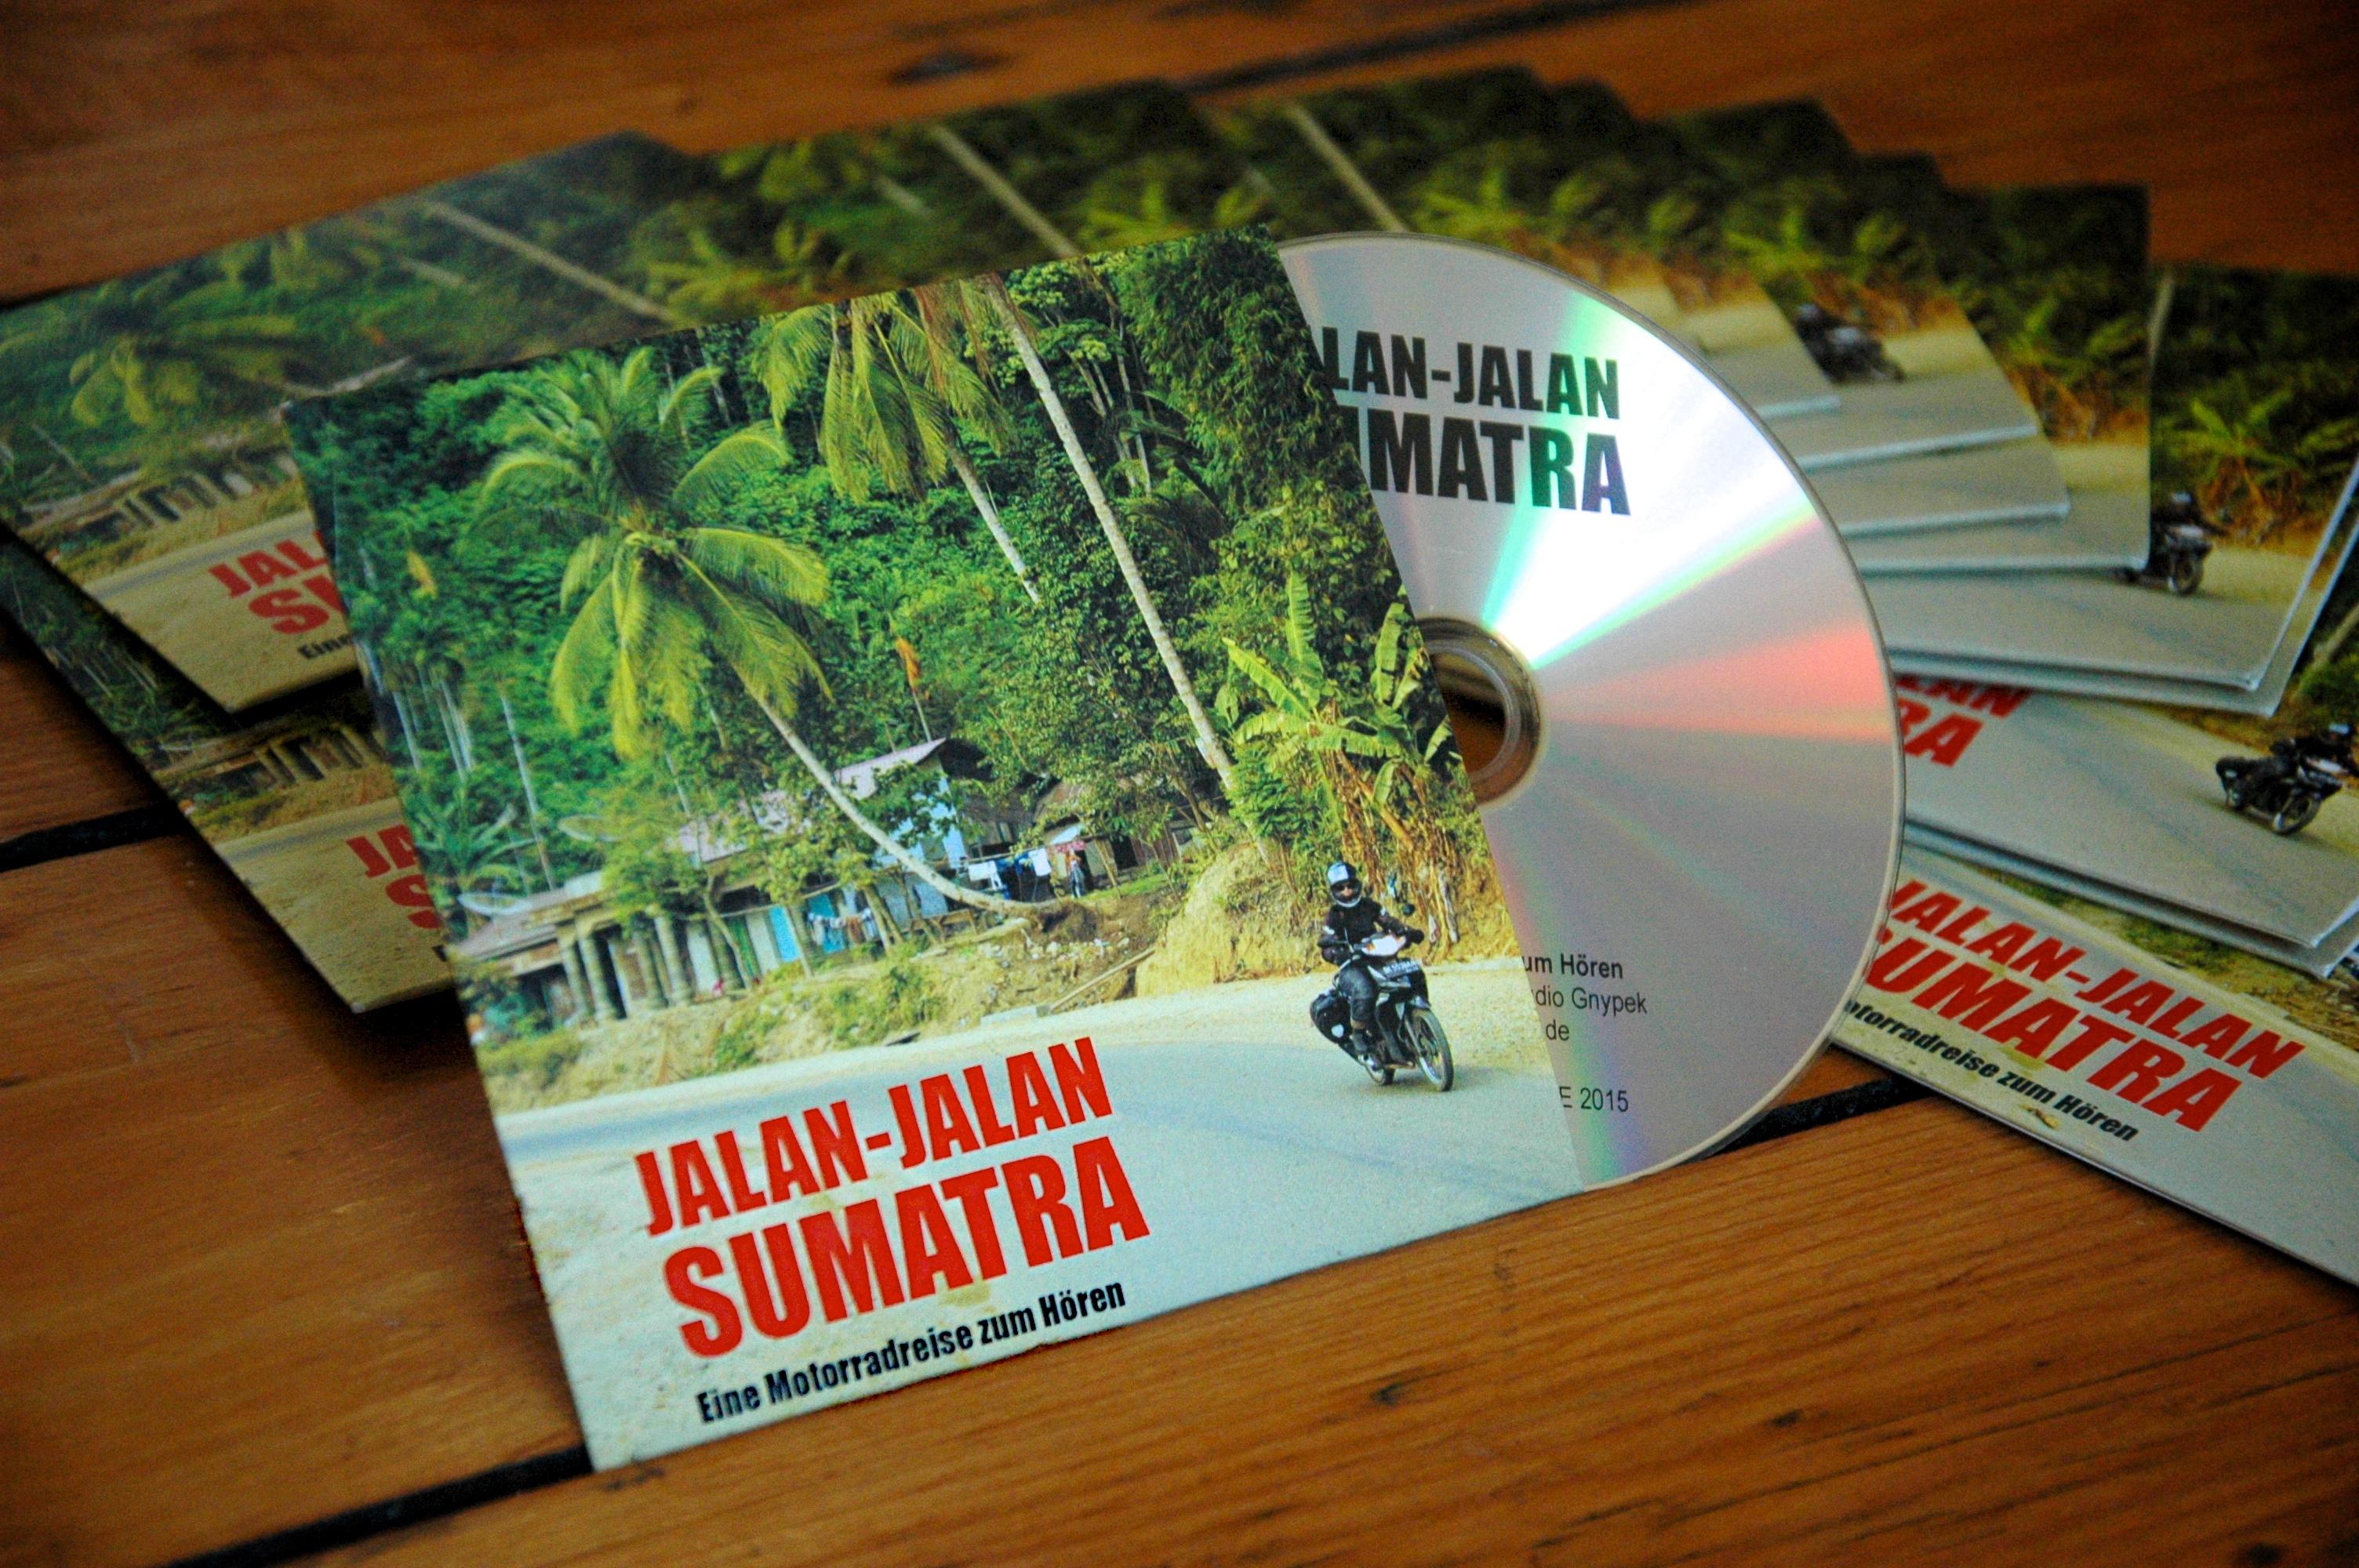 Sumatra CD